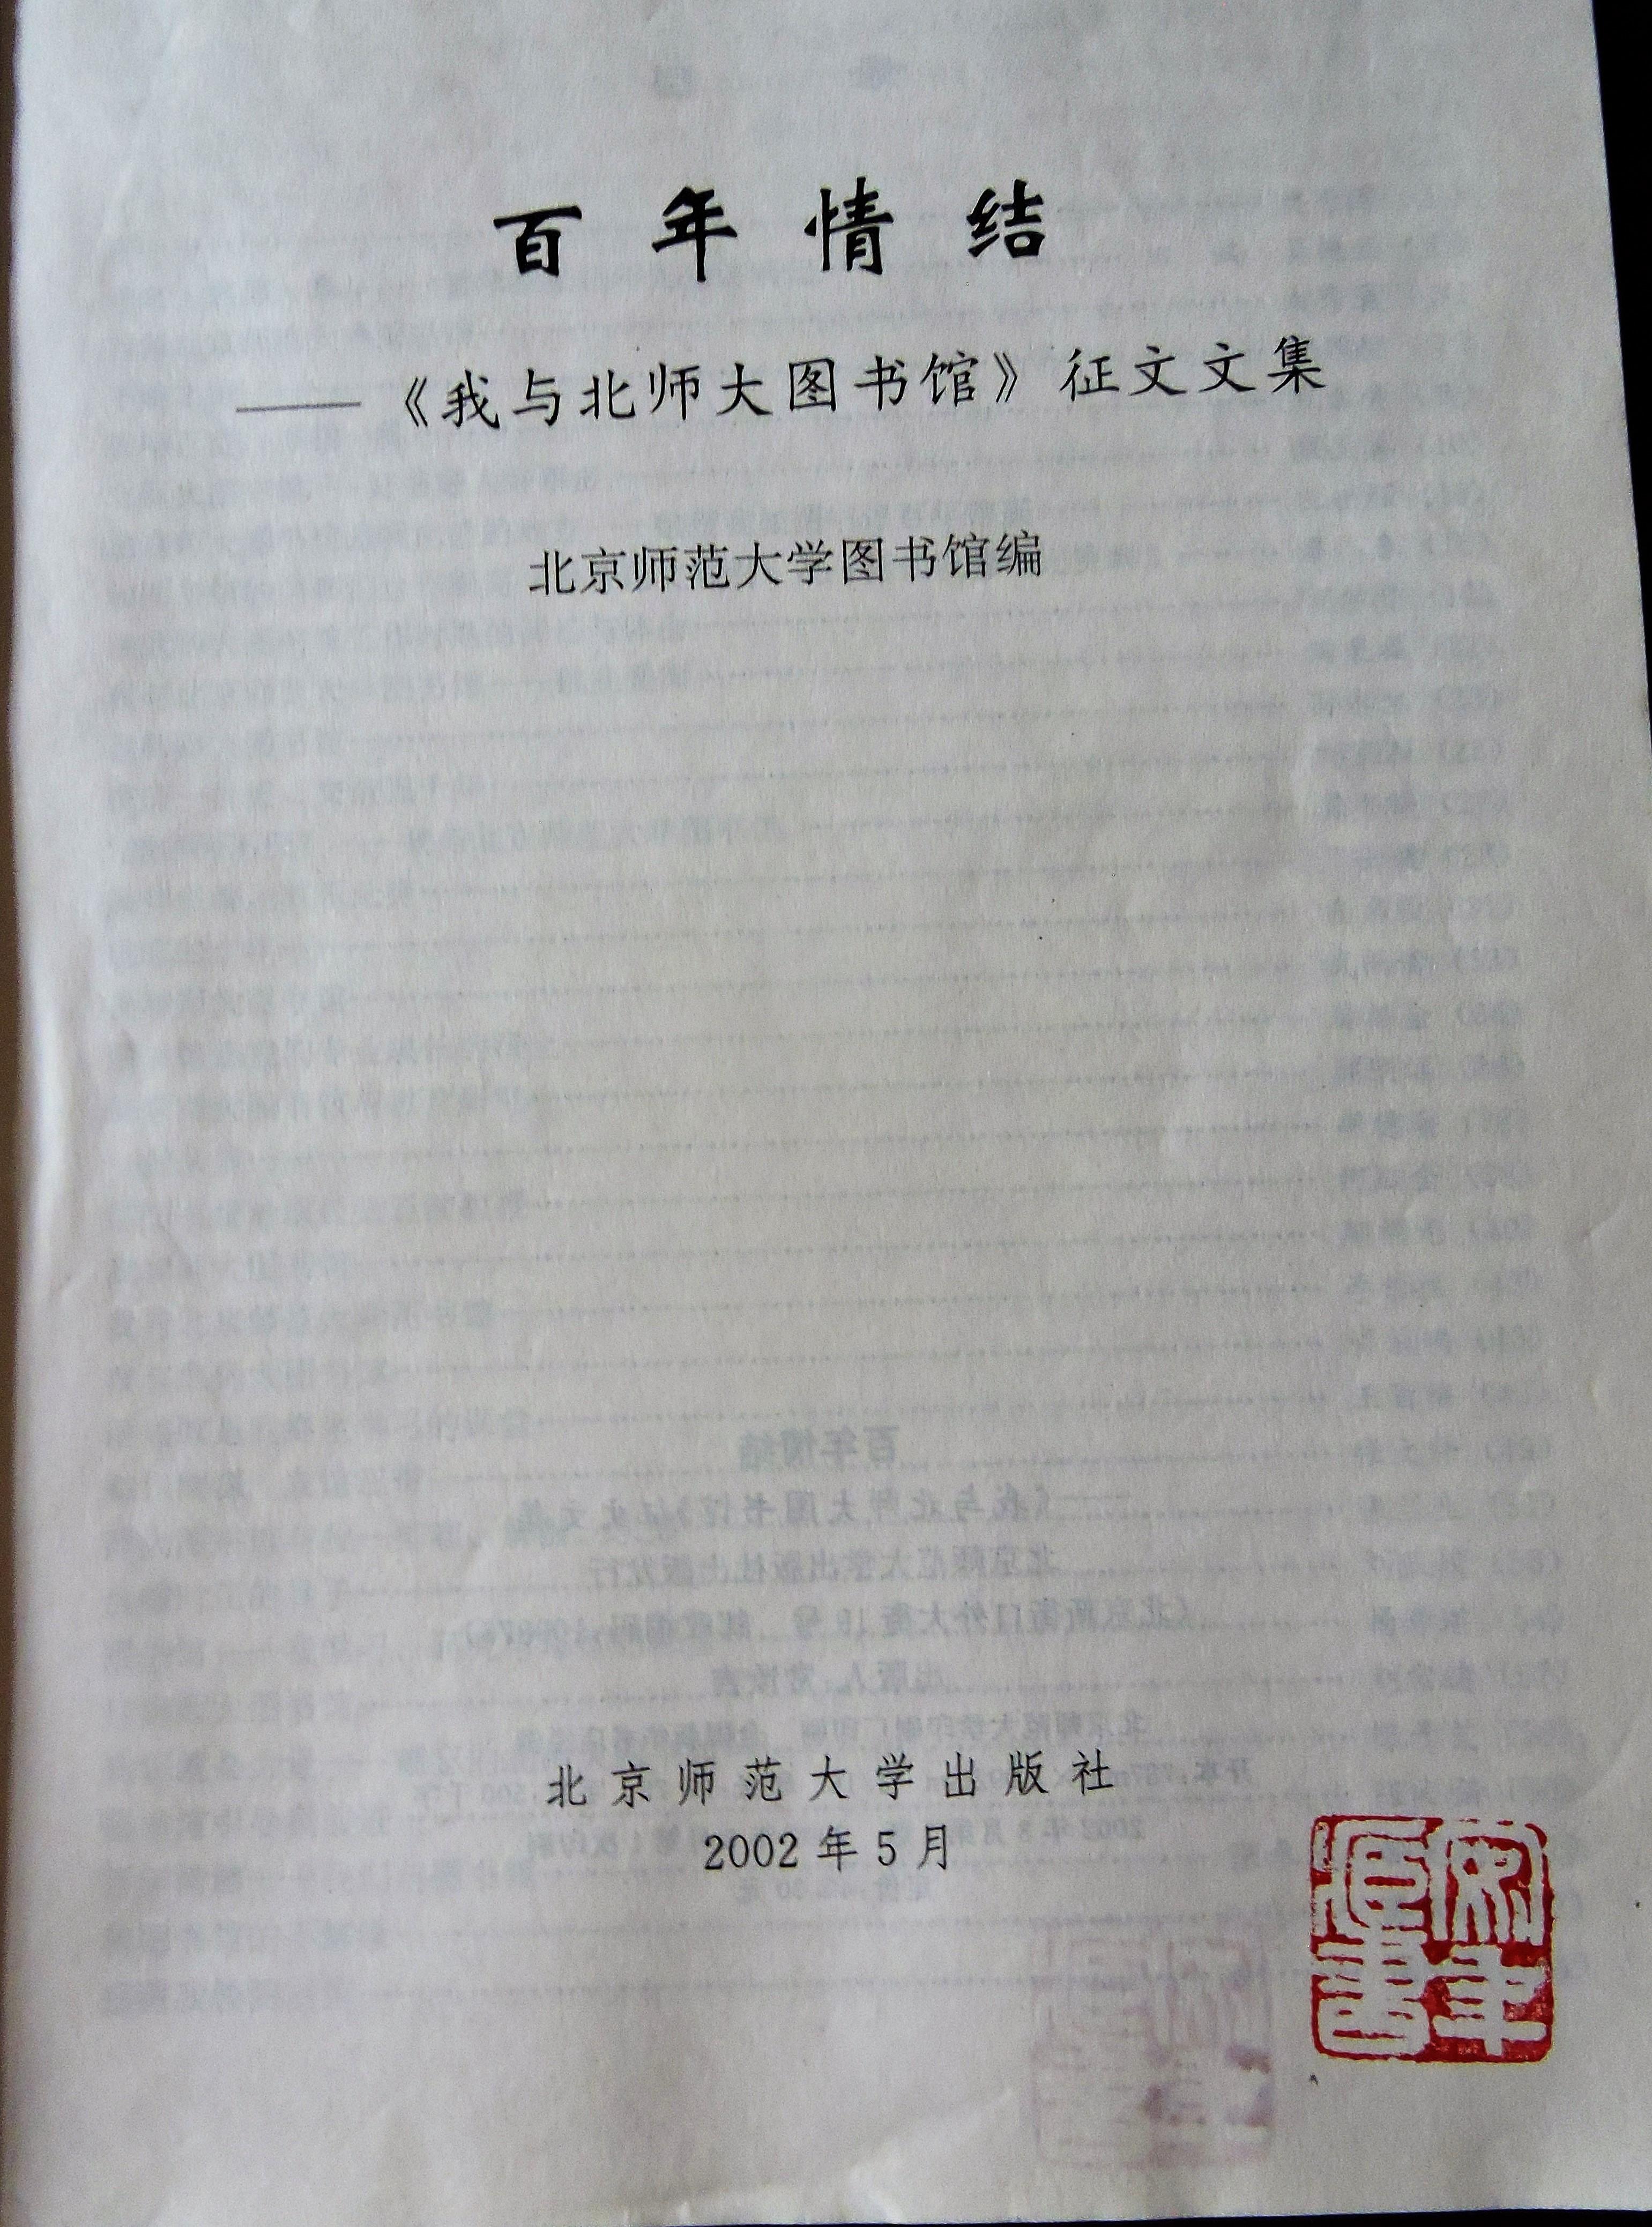 2 DSCN8697.jpg